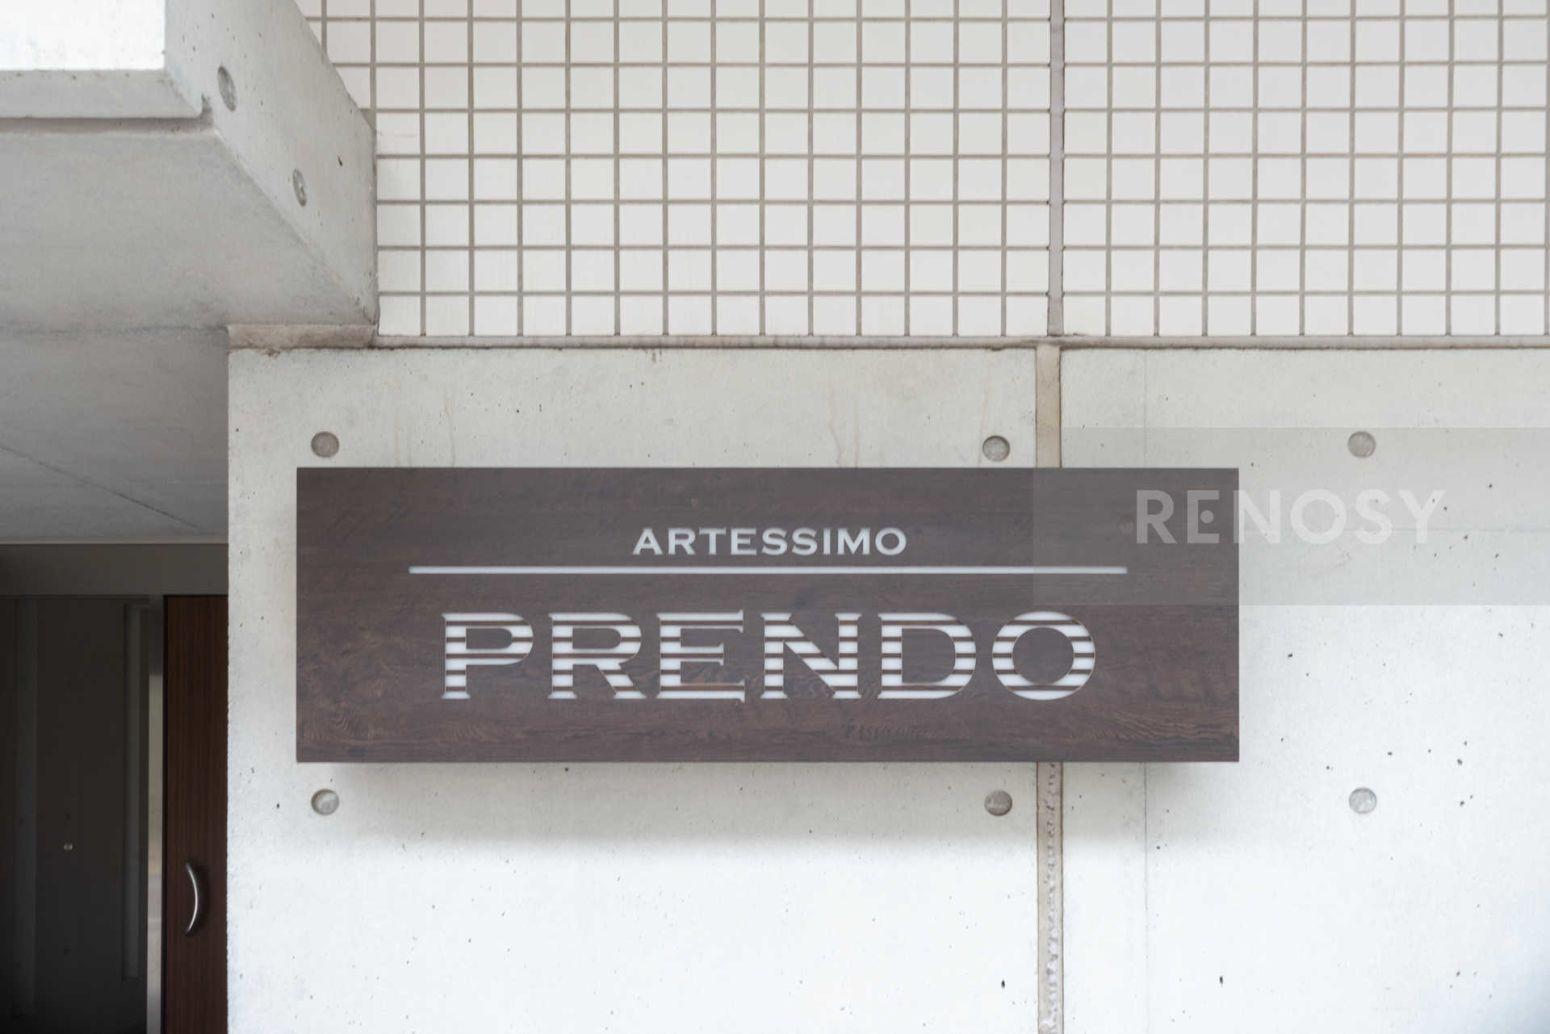 ARTESSIMO PRENDO